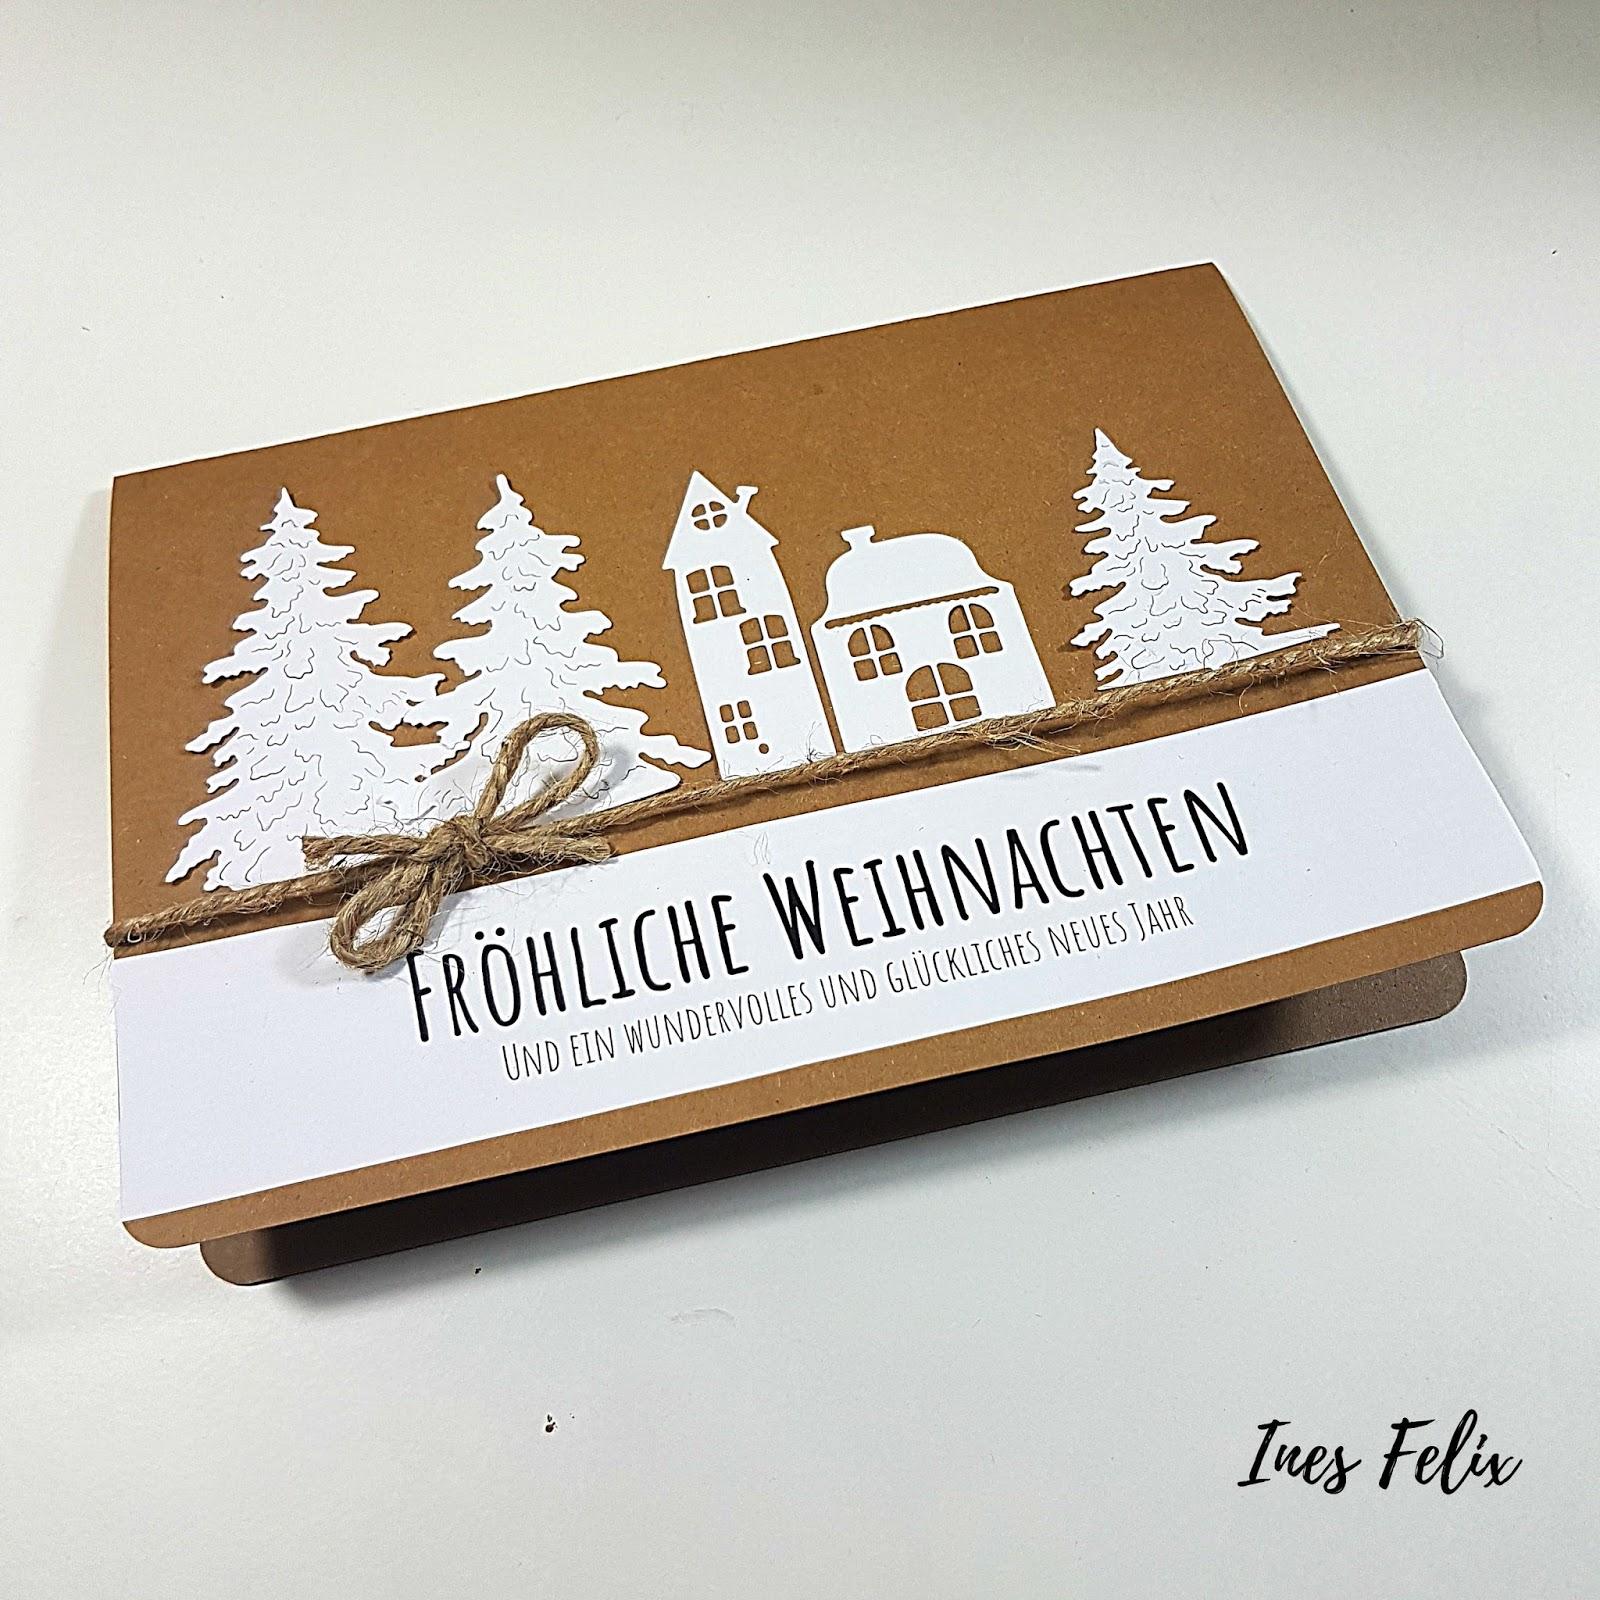 Das werden meine Weihnachtskarten in sem Jahr Ich bin so glücklich und stolz auf mein Werk Der Plan war ein ganz anderer aber jetzt ist das Ergebnis